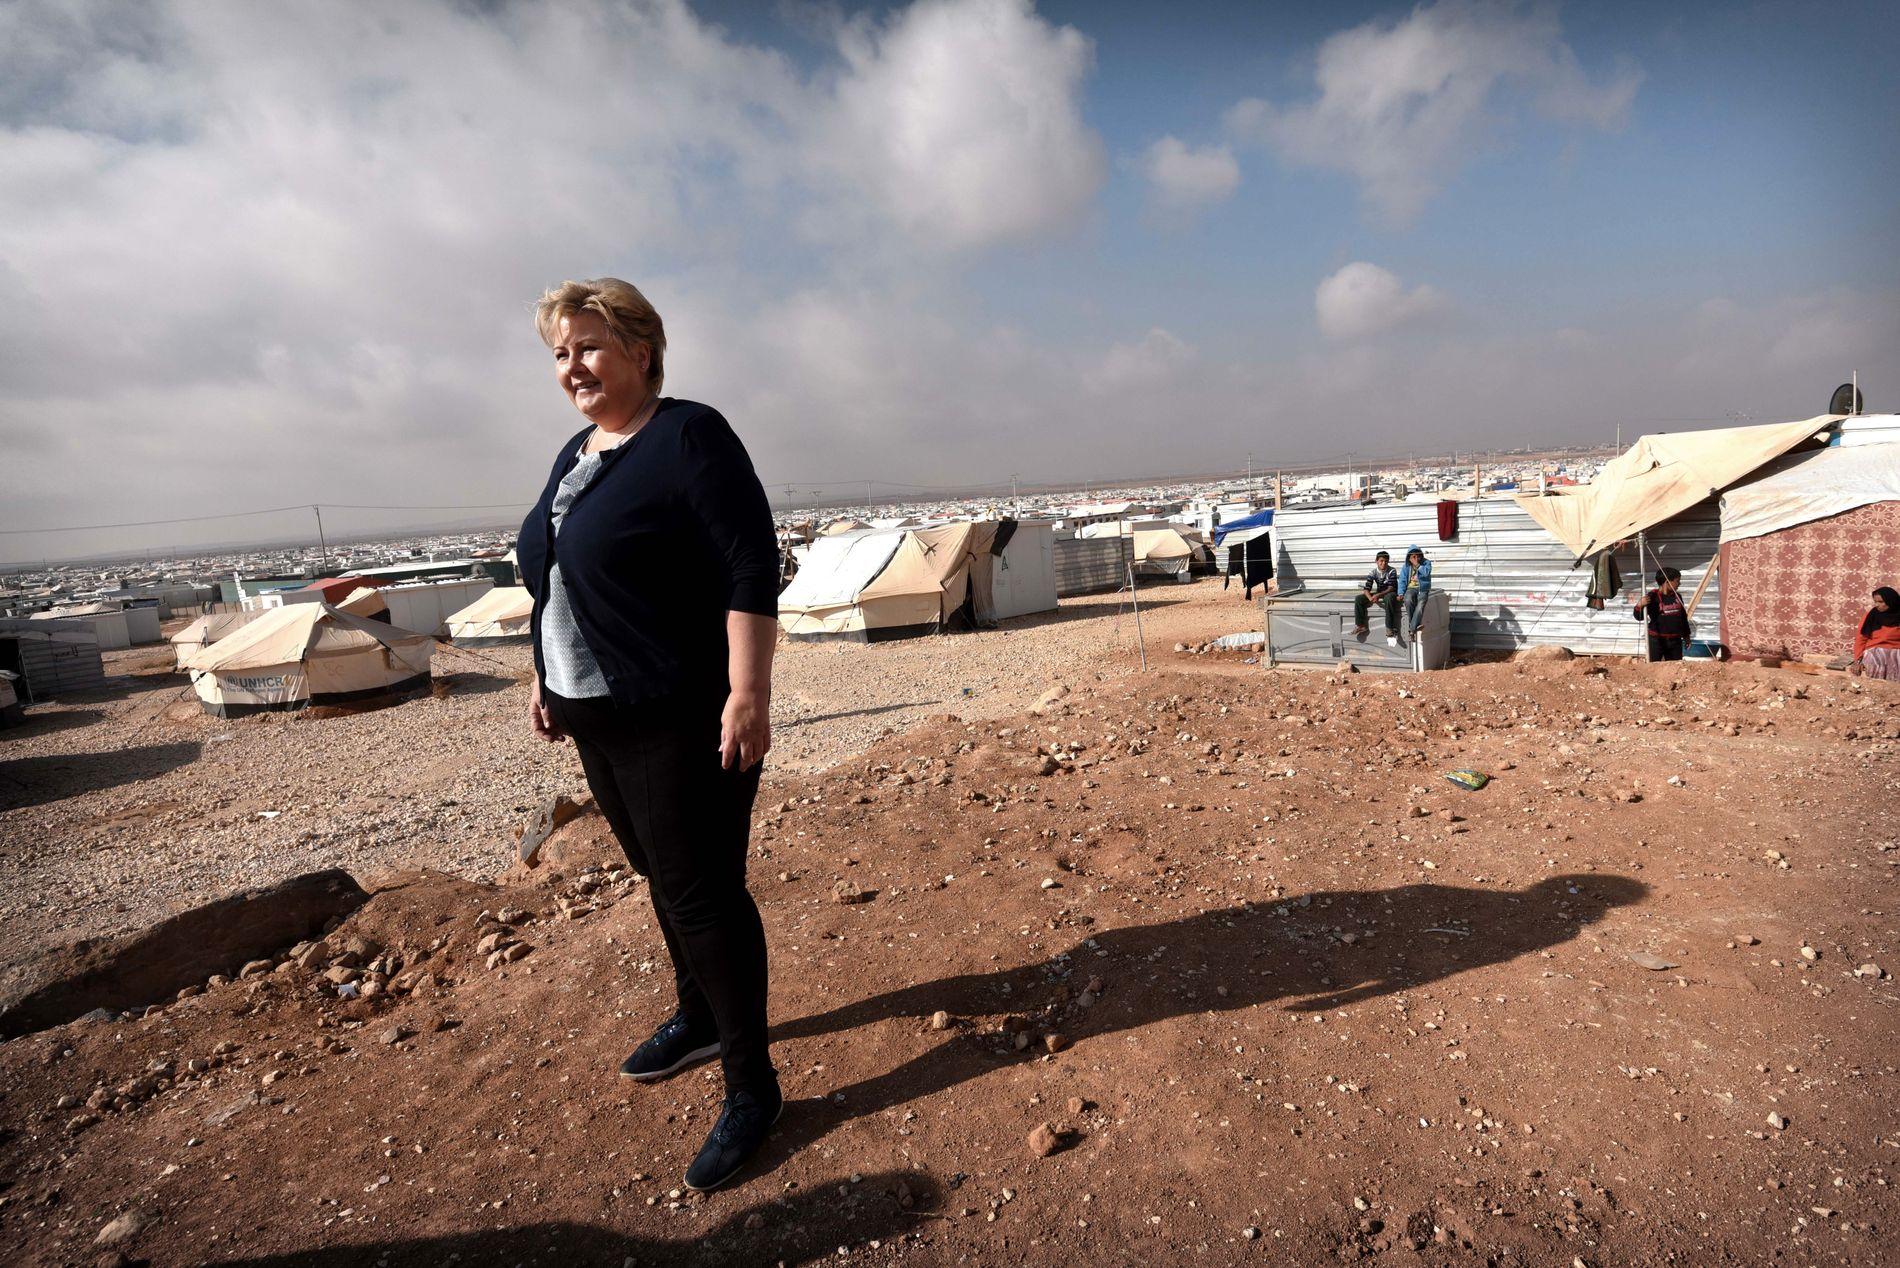 BESØKTE FLYKTNINGLEIR: Statsminister Erna Solberg i den enorme Zaatari-leiren i Jordan under et besøk i 2015.